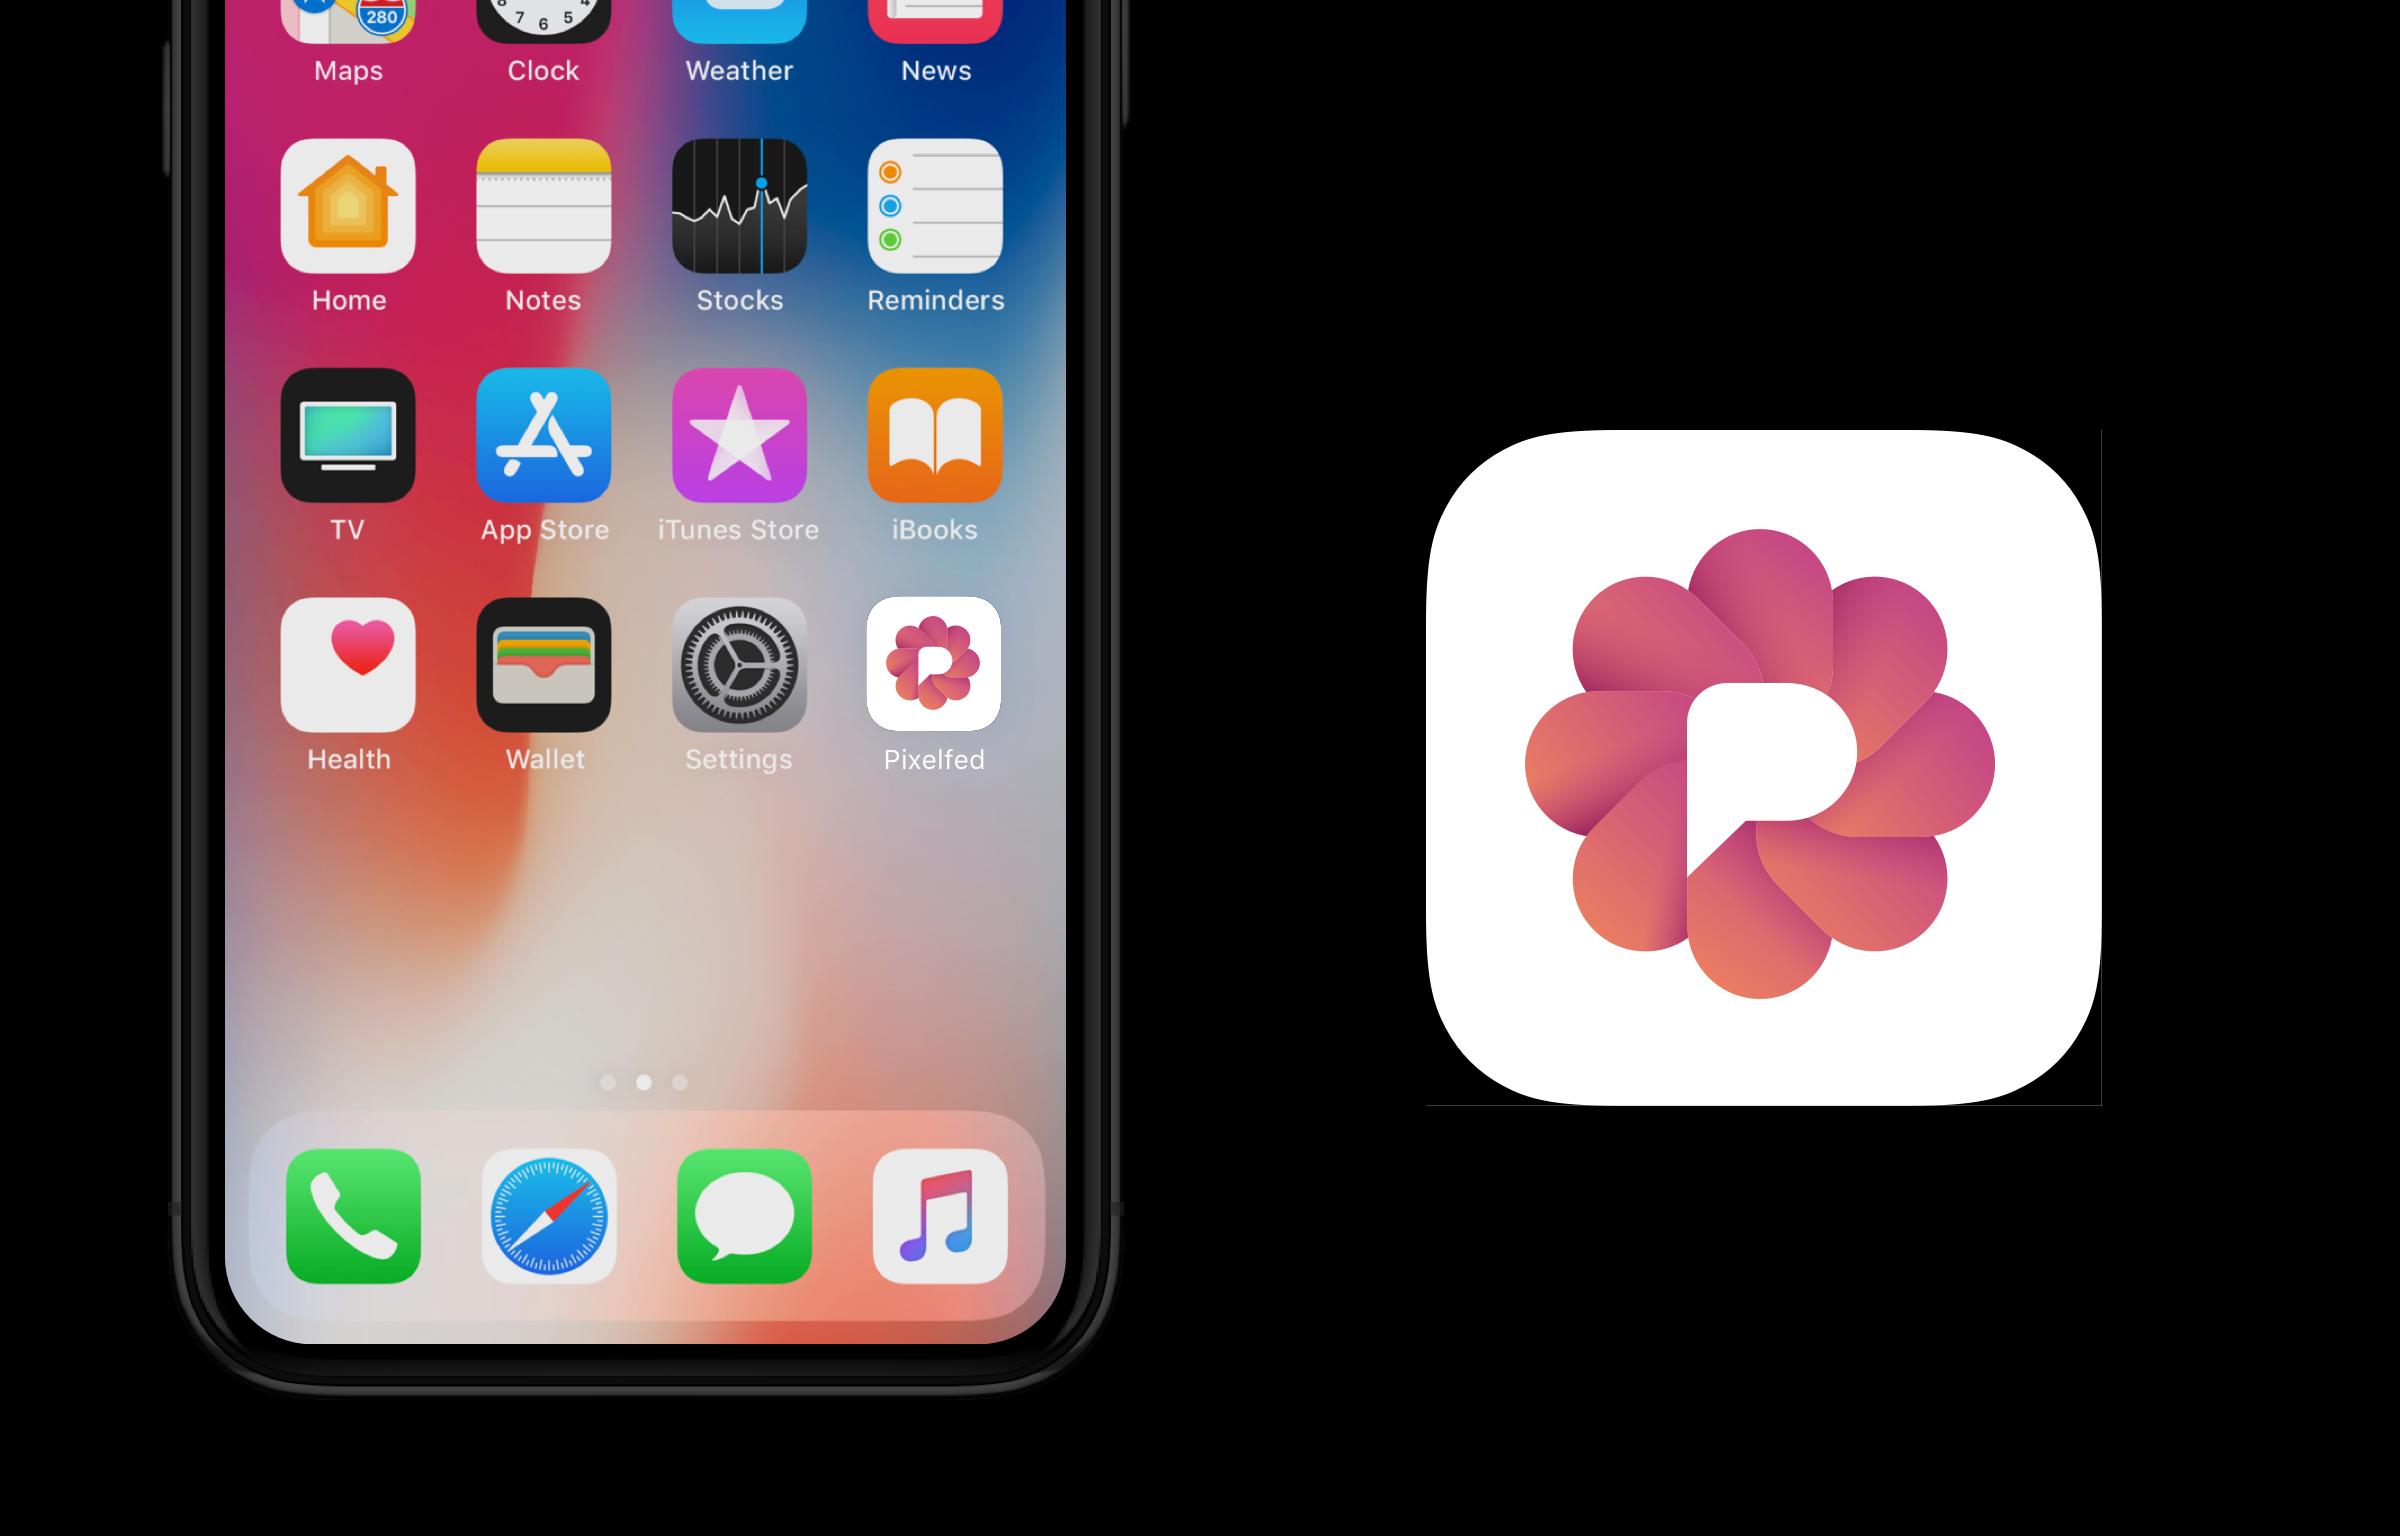 Pixelfed - app icon